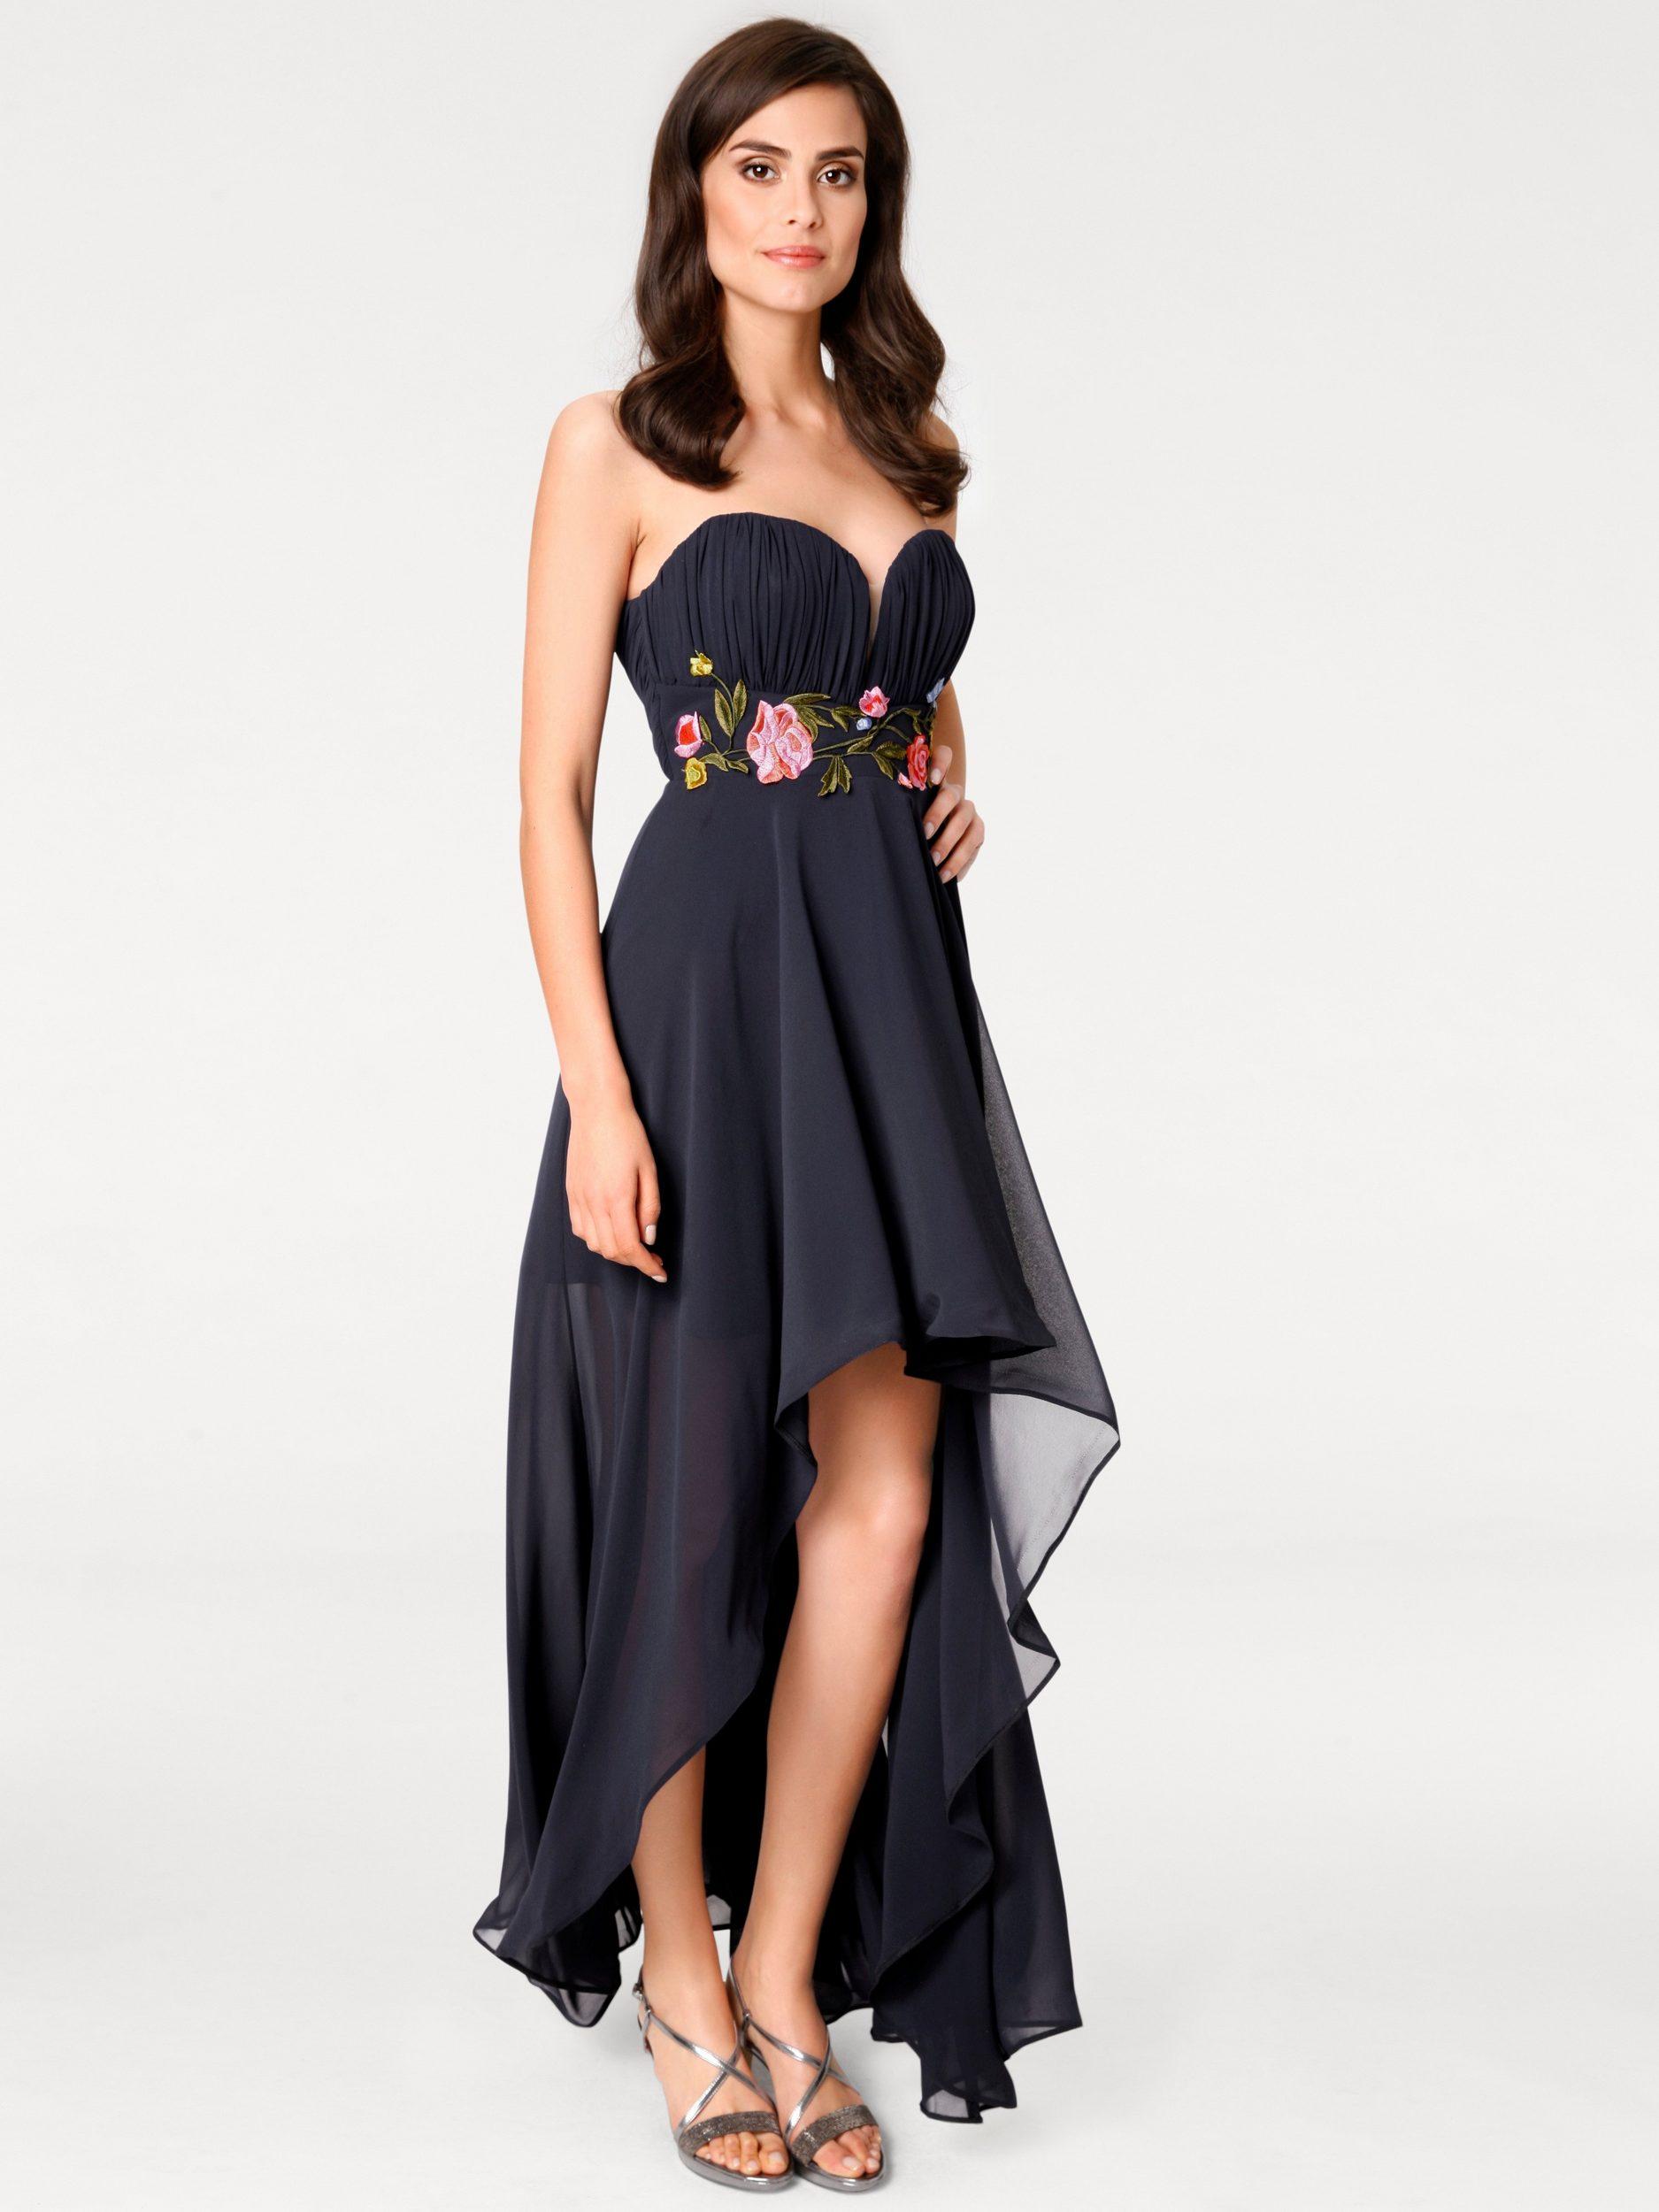 Wisst ihr wo ich so ein Kleid in Kurz bestellen kann? (Mode, Fashion)